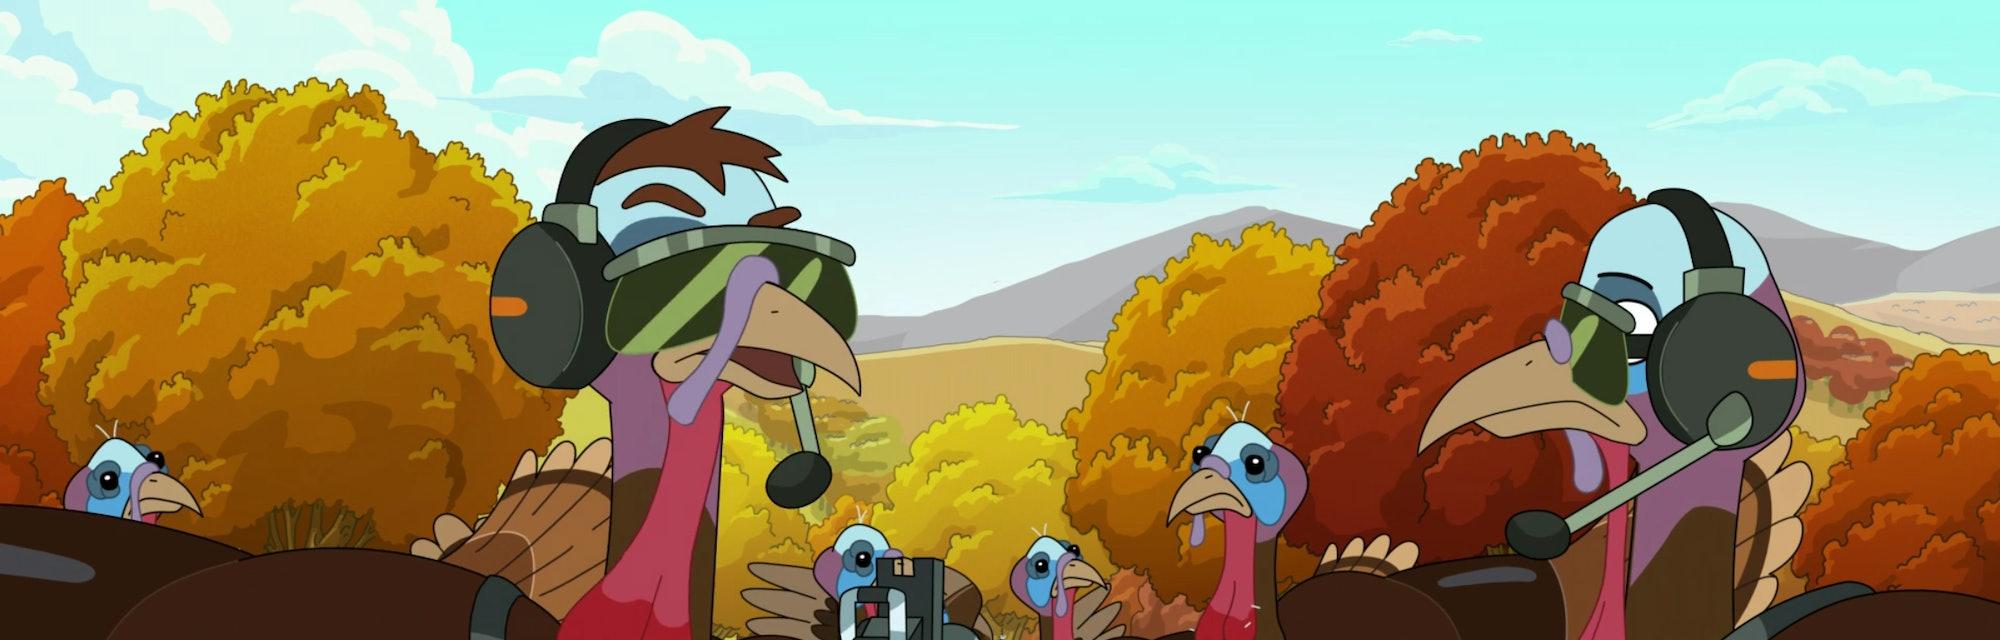 rick and morty season 5 turkey